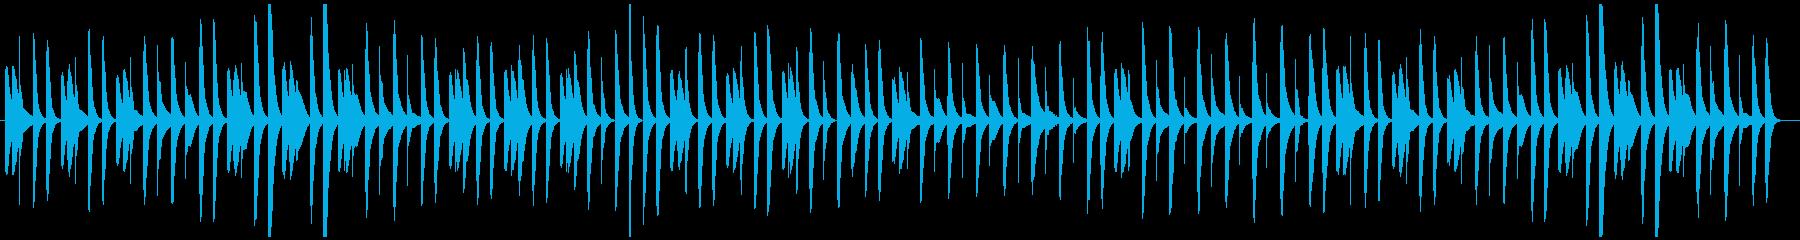 猫踏んじゃった【マリンバ】(スロー)の再生済みの波形